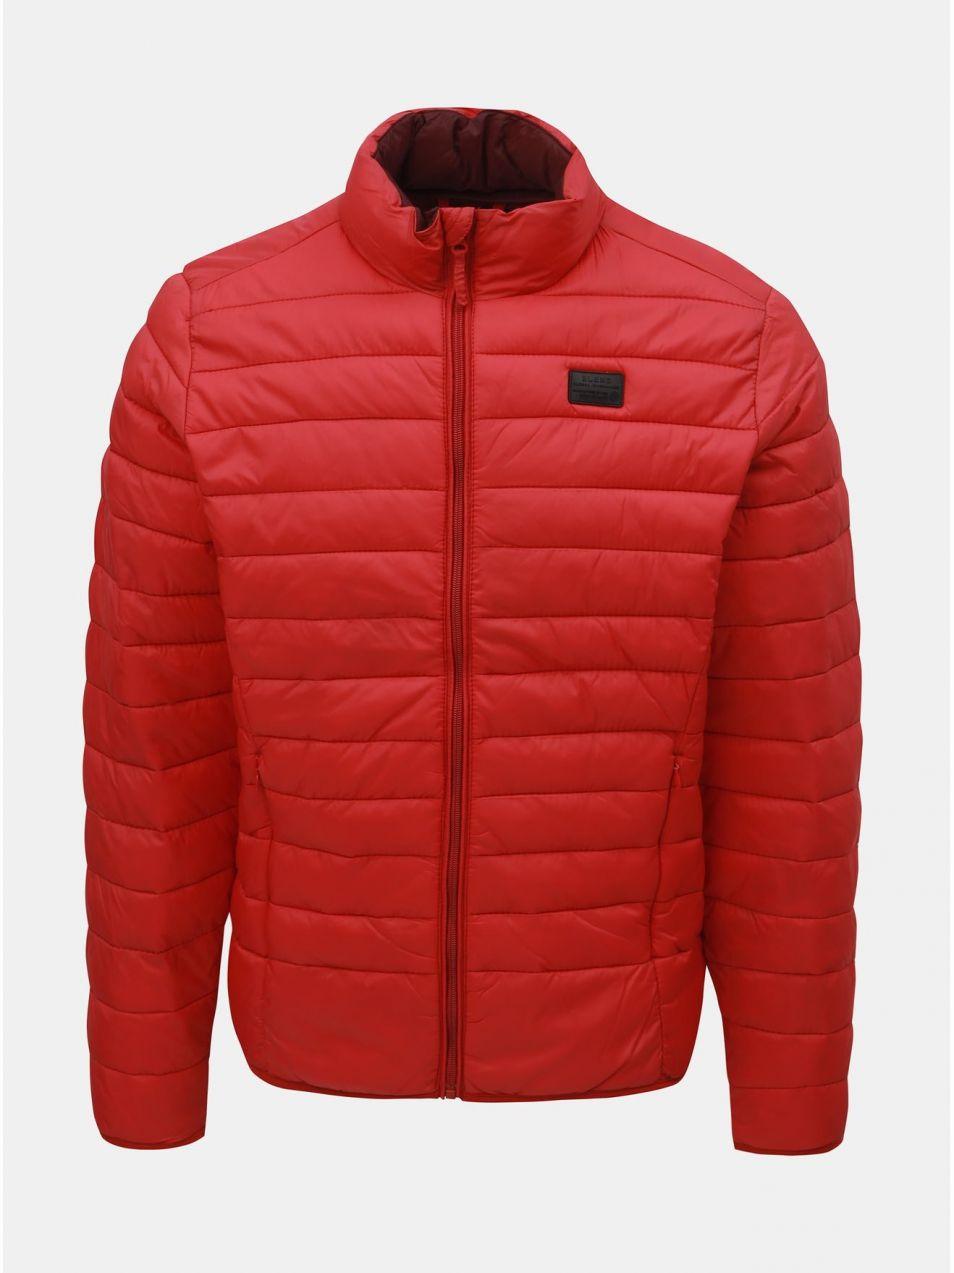 Červená prešívaná bunda Blend značky Blend - Lovely.sk a8b4b3b2a2e